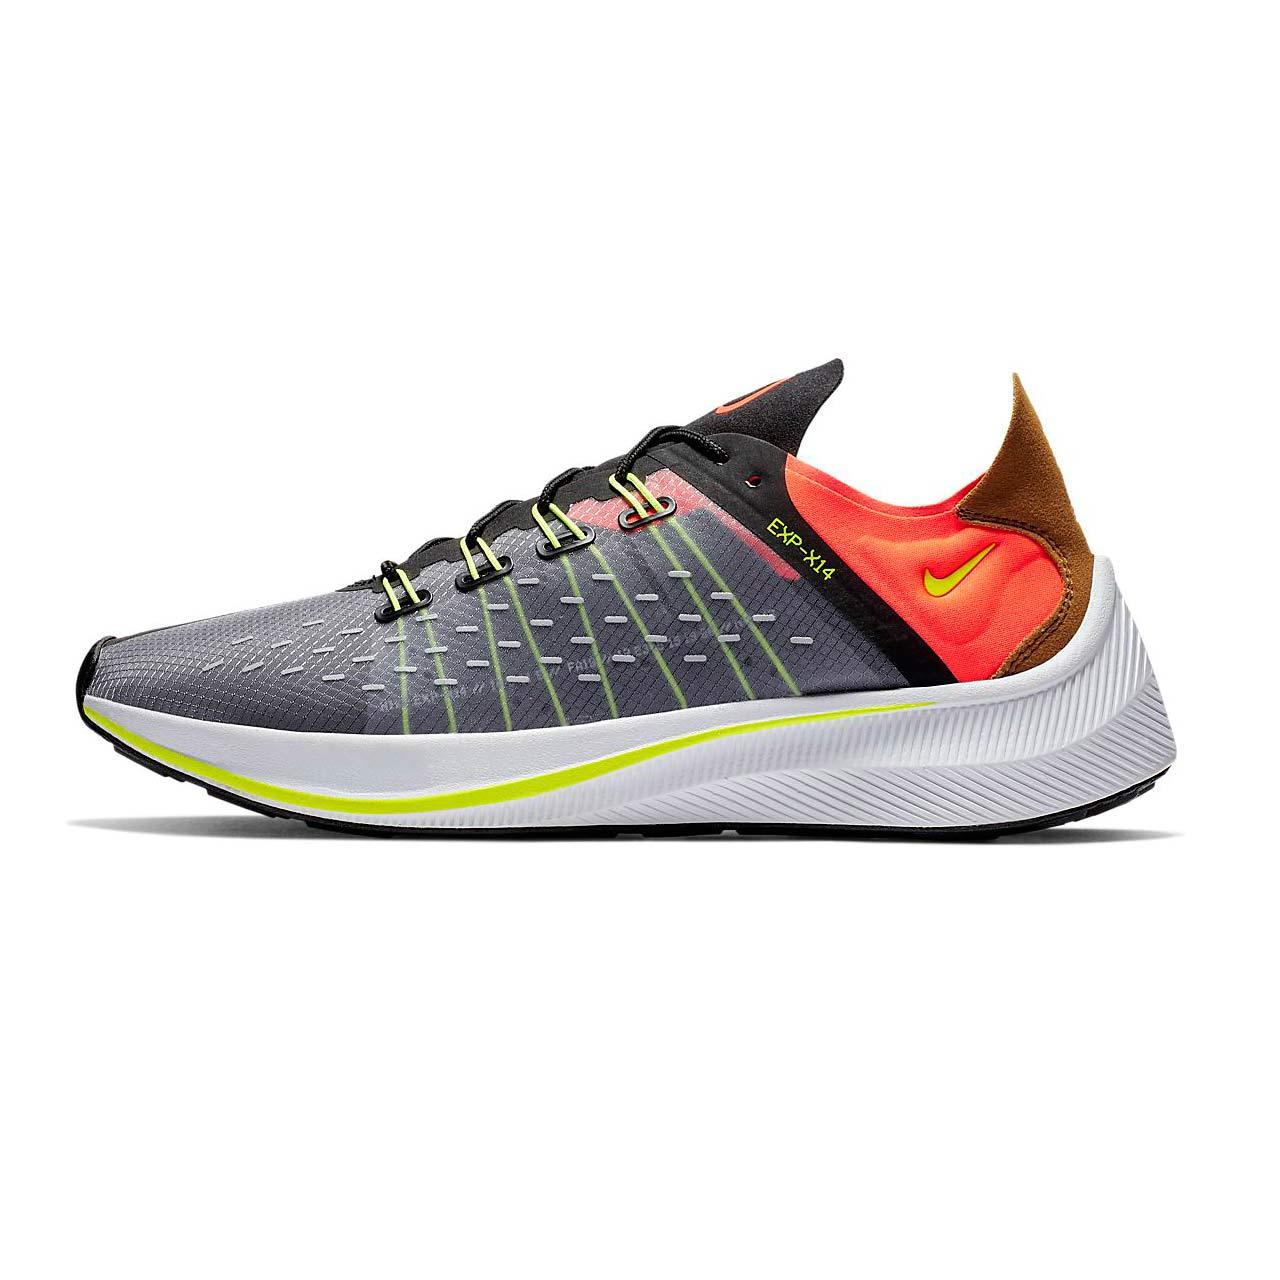 قیمت کفش مخصوص پیاده روی مردانه نایکی مدل XP-Grey Orange